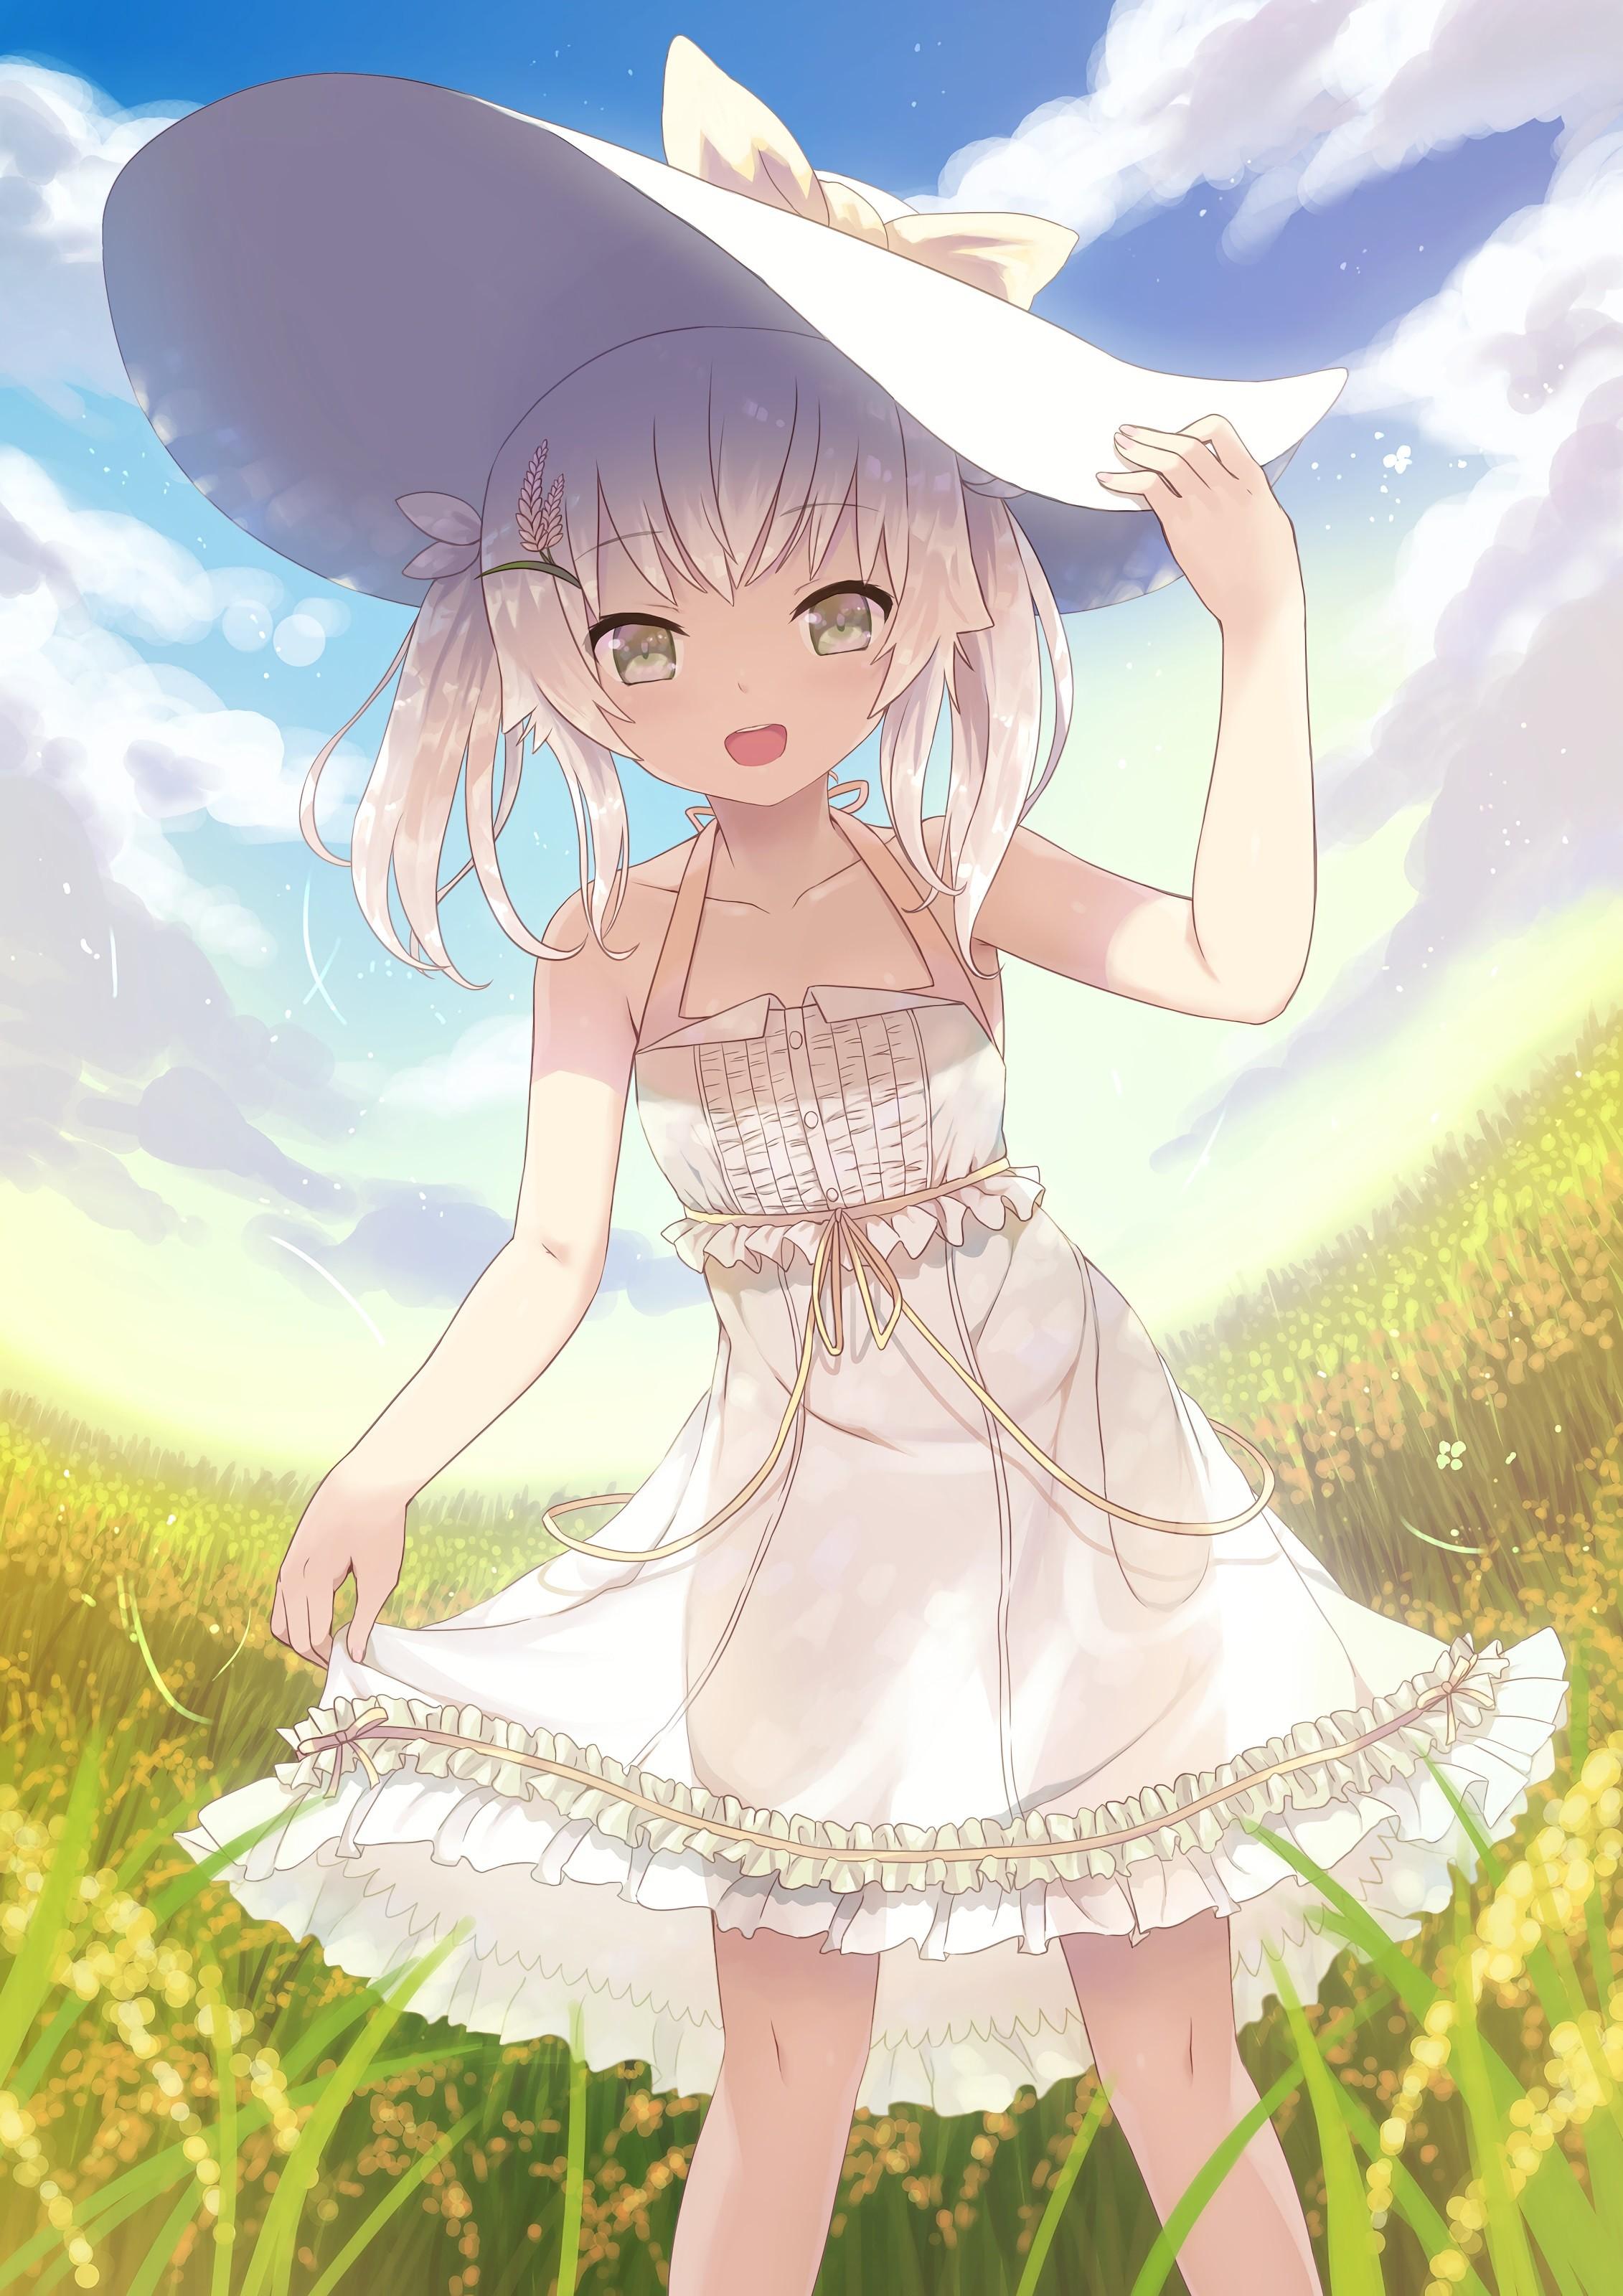 Anime girl in white dress